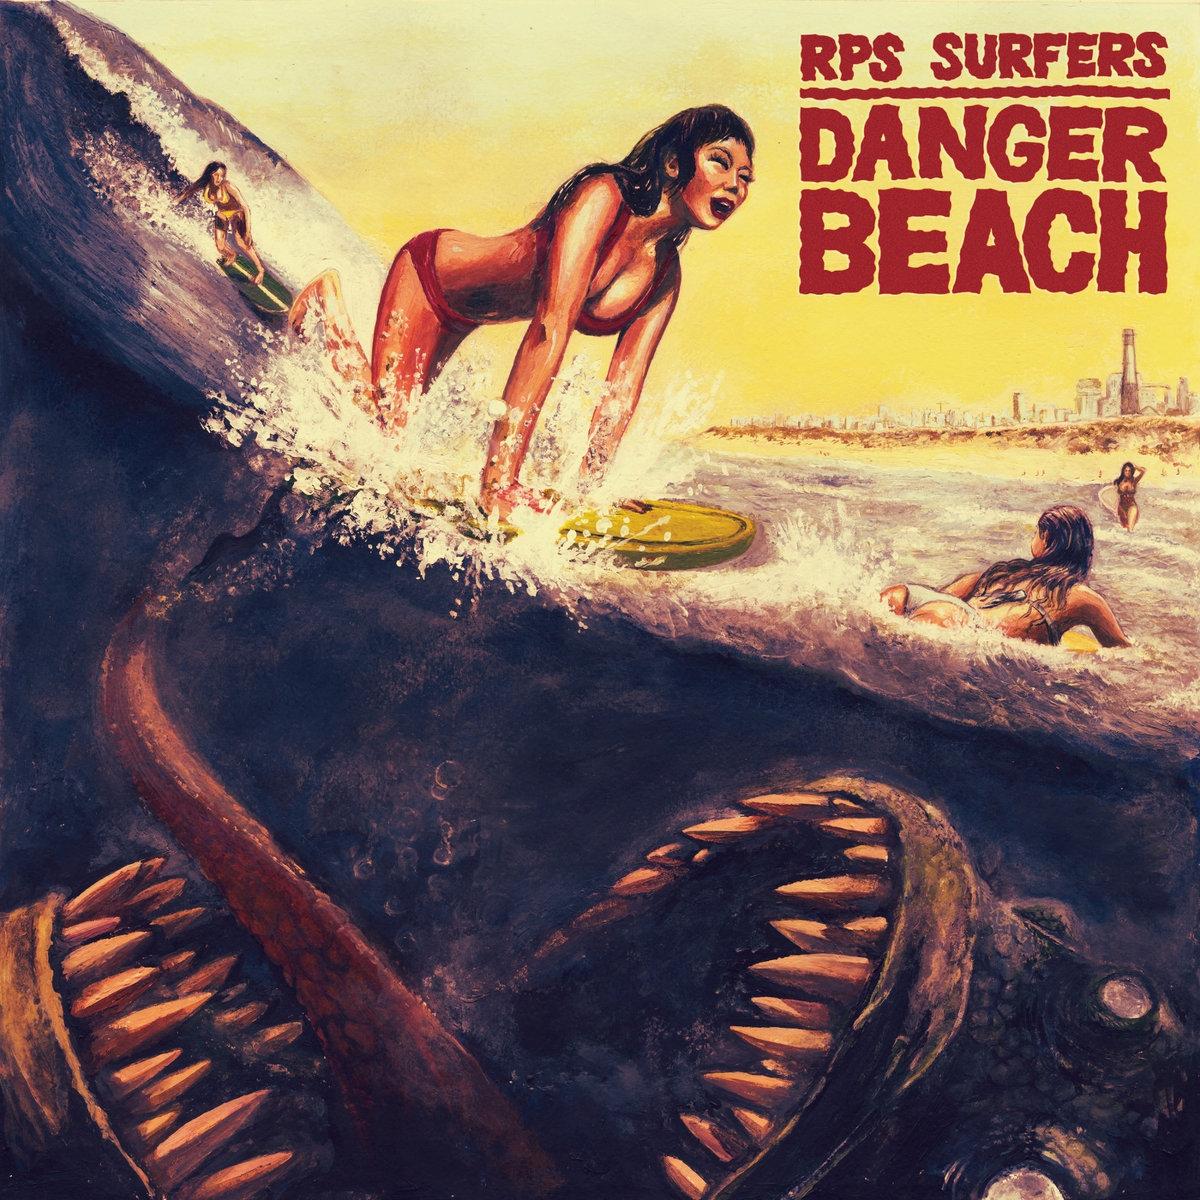 Beach Dangers uk Danger Beach Cover Art